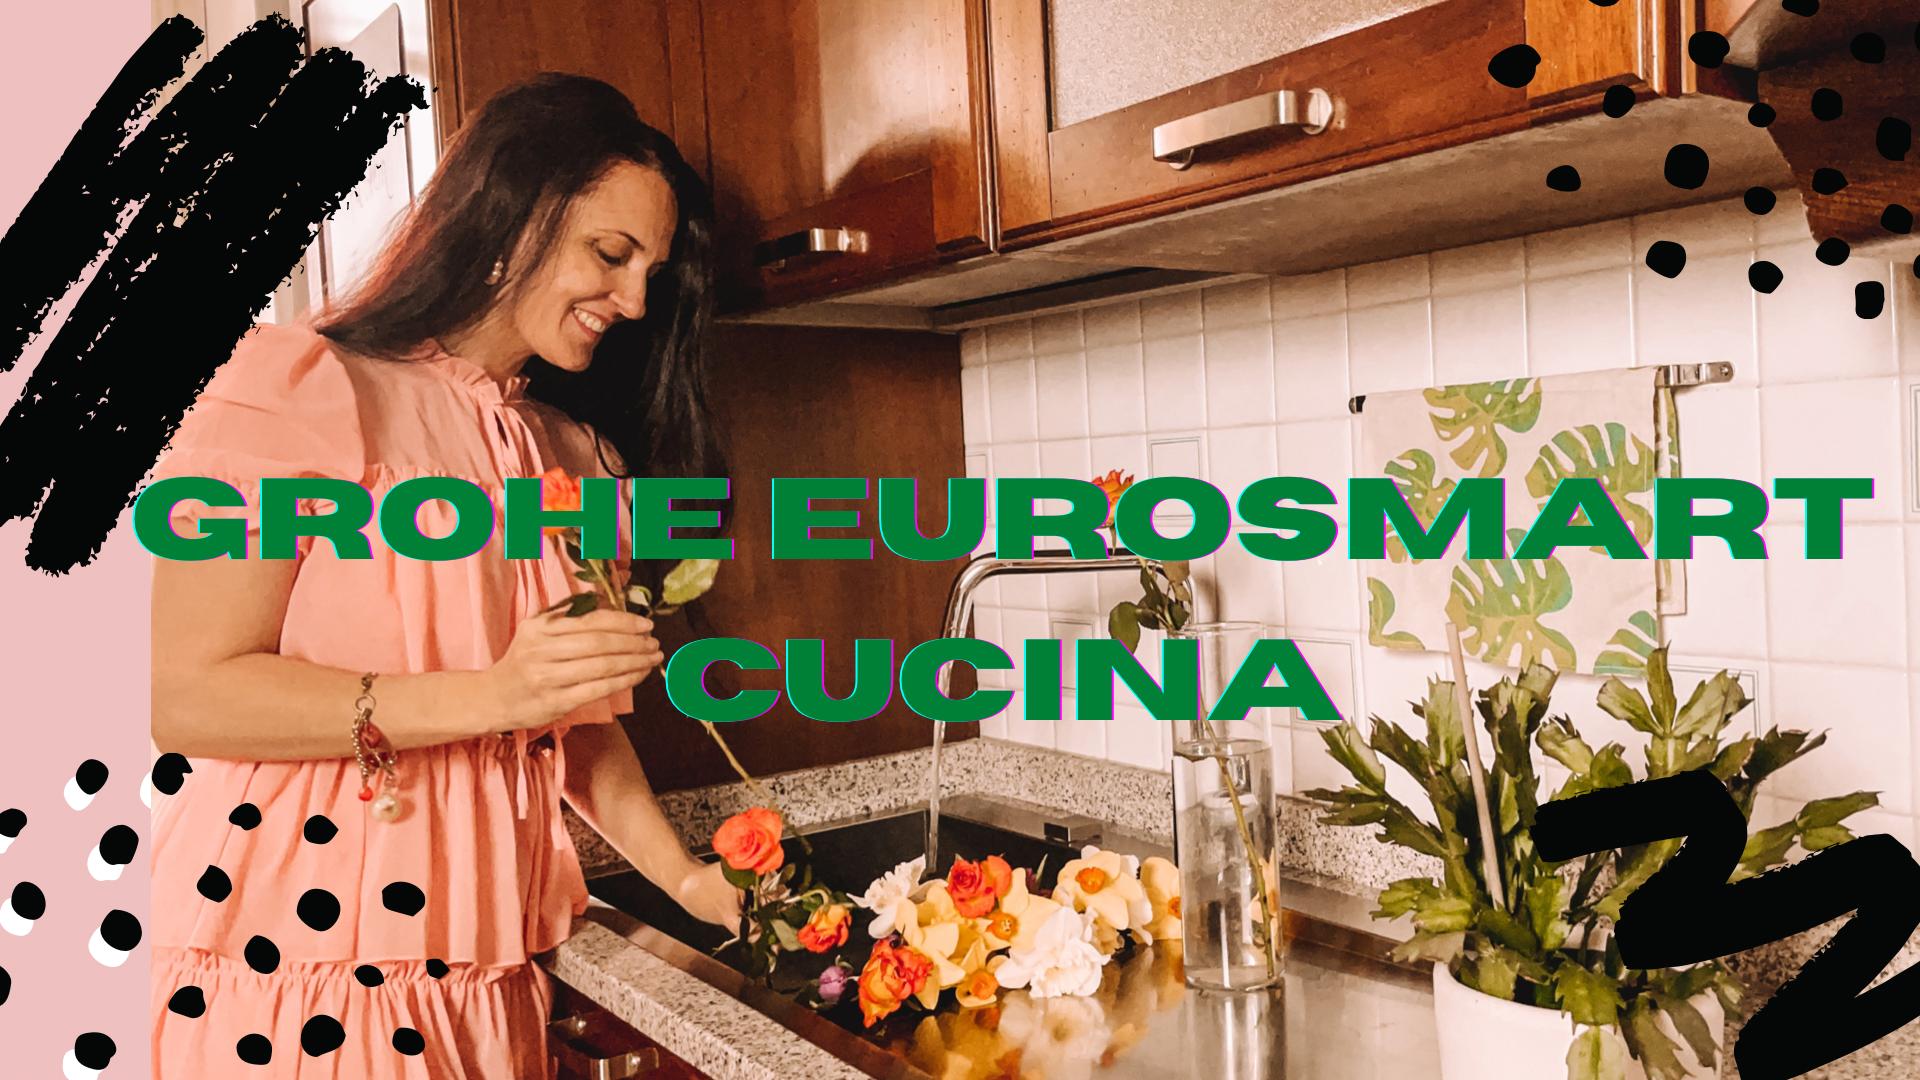 Nuovo GROHE EUROSMART: la mia cucina si veste di eleganza